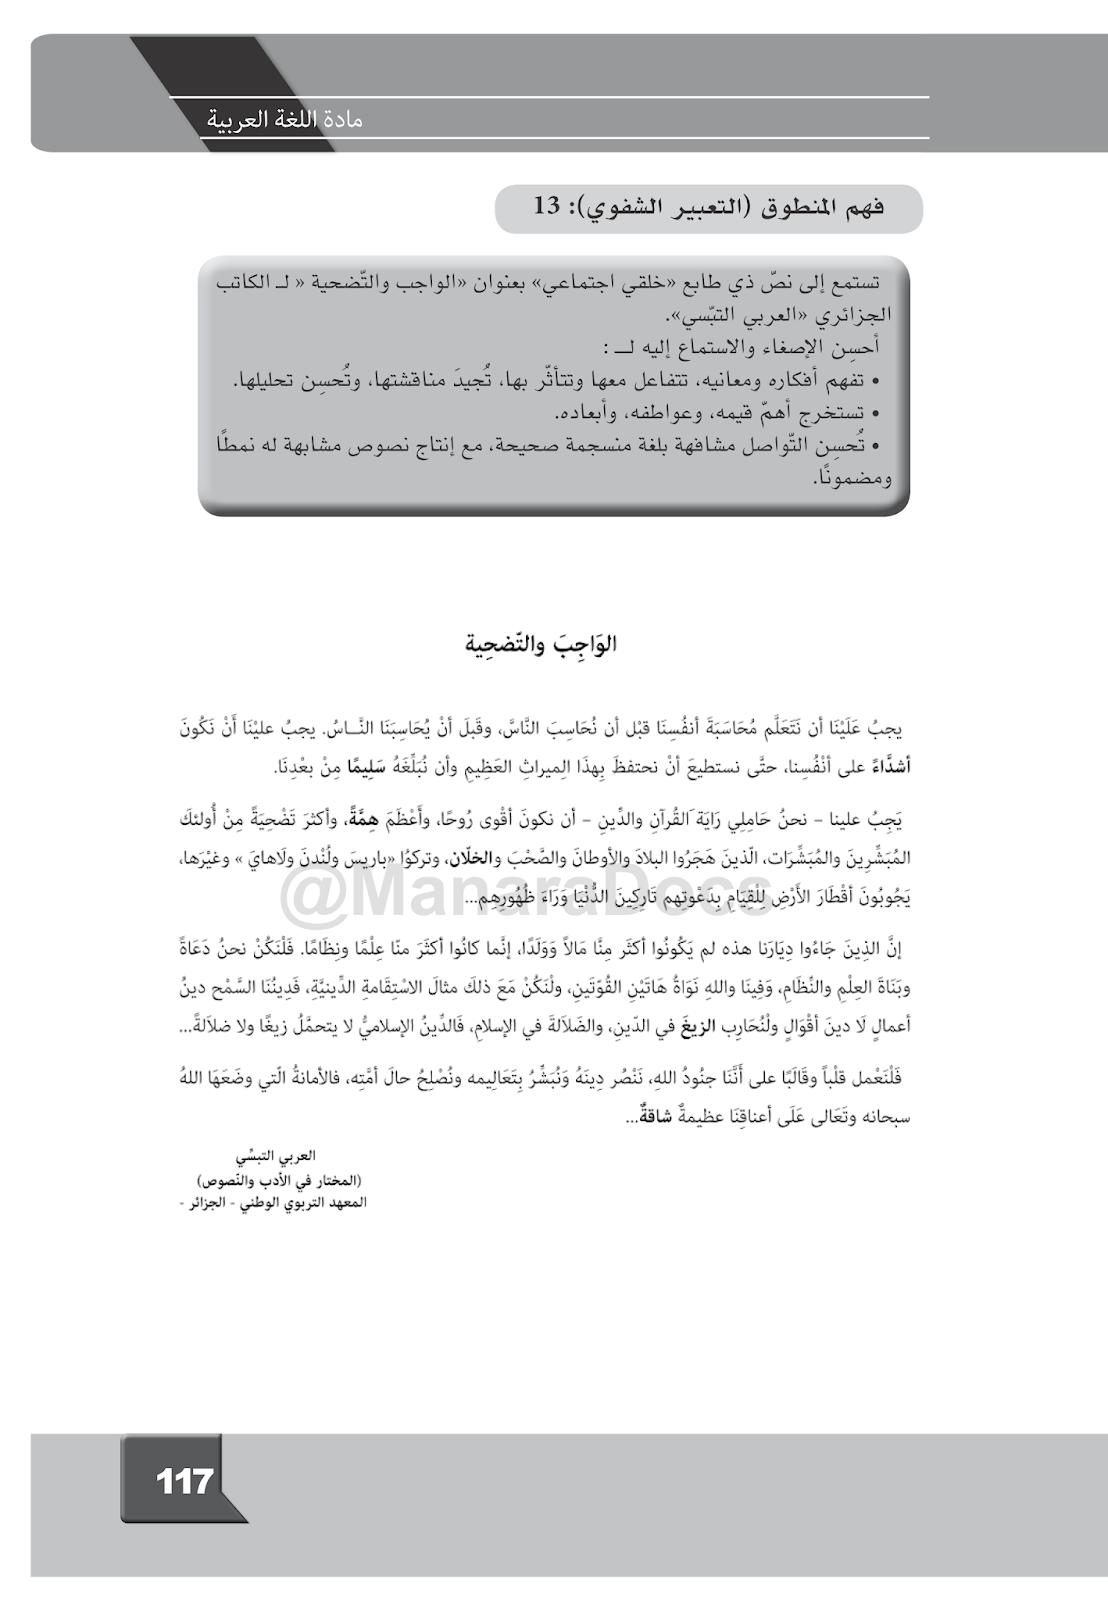 نص الواجب و التضحية اللغة العربية للسنة الاولى متوسط الجيل الثاني